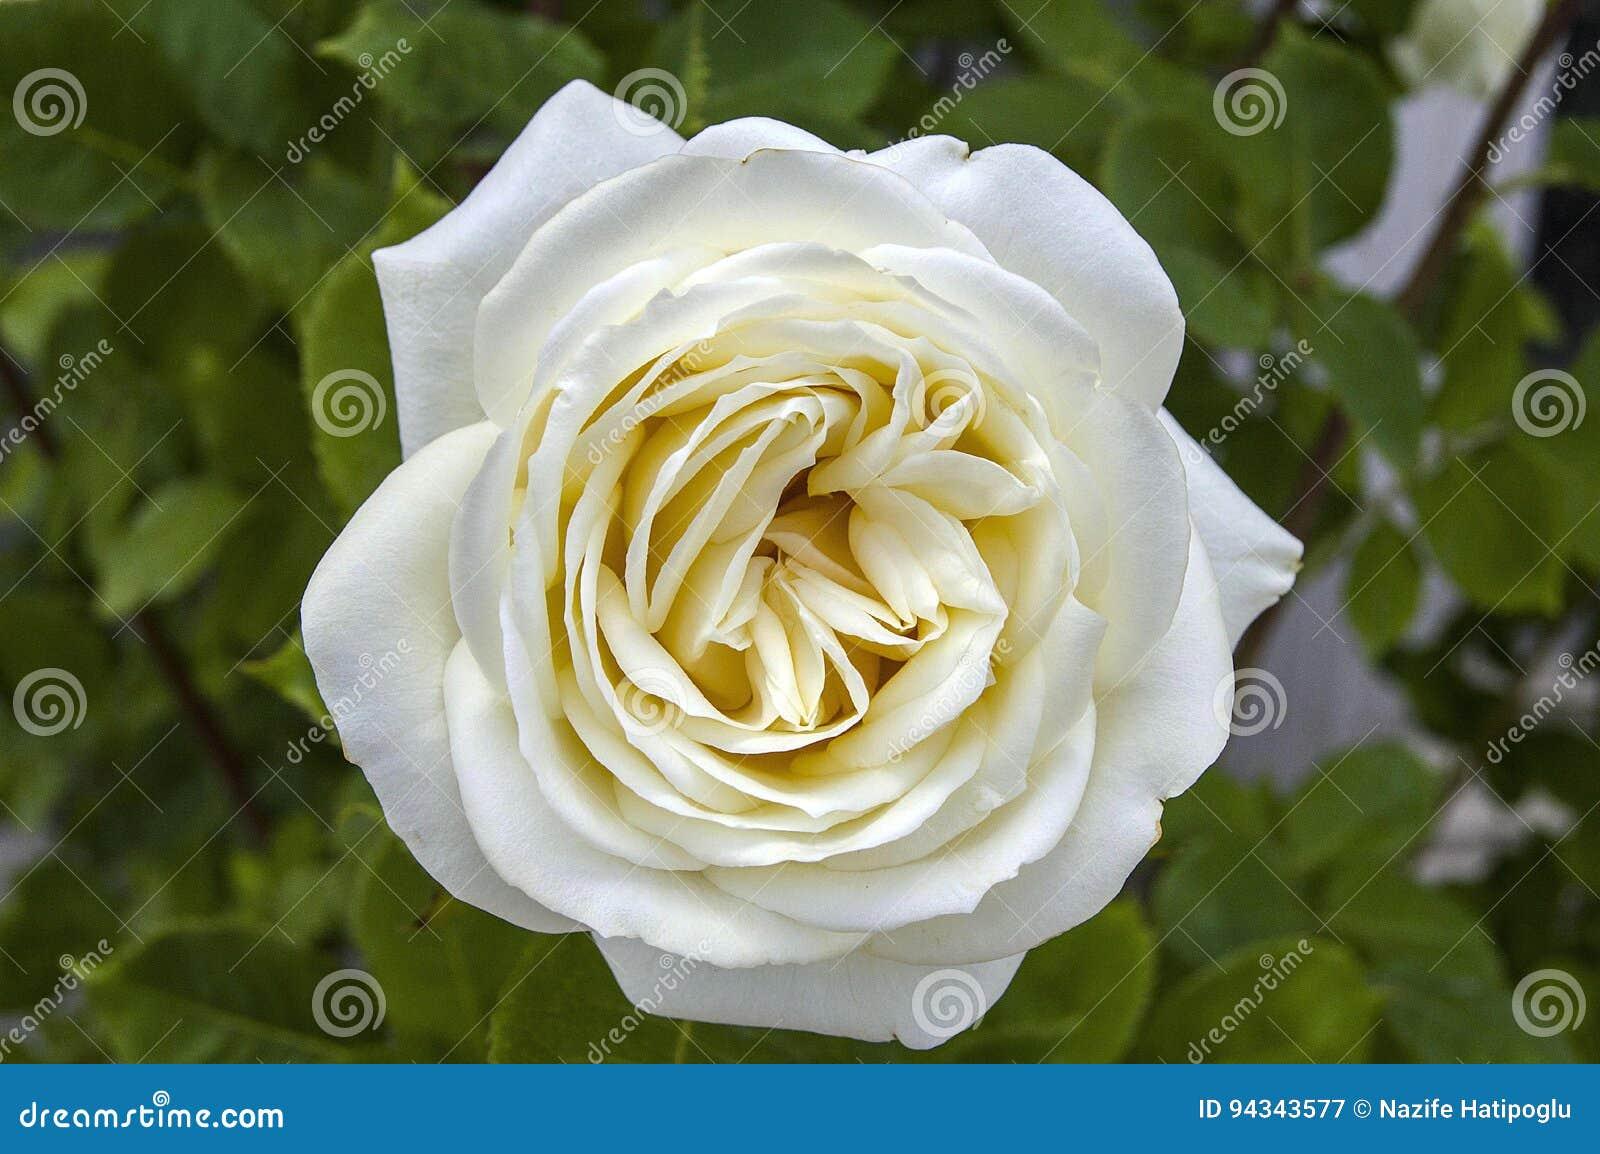 Pitture Di Rosa, Di Rose Colorate Di Colore, Rose Bianche Nel ...